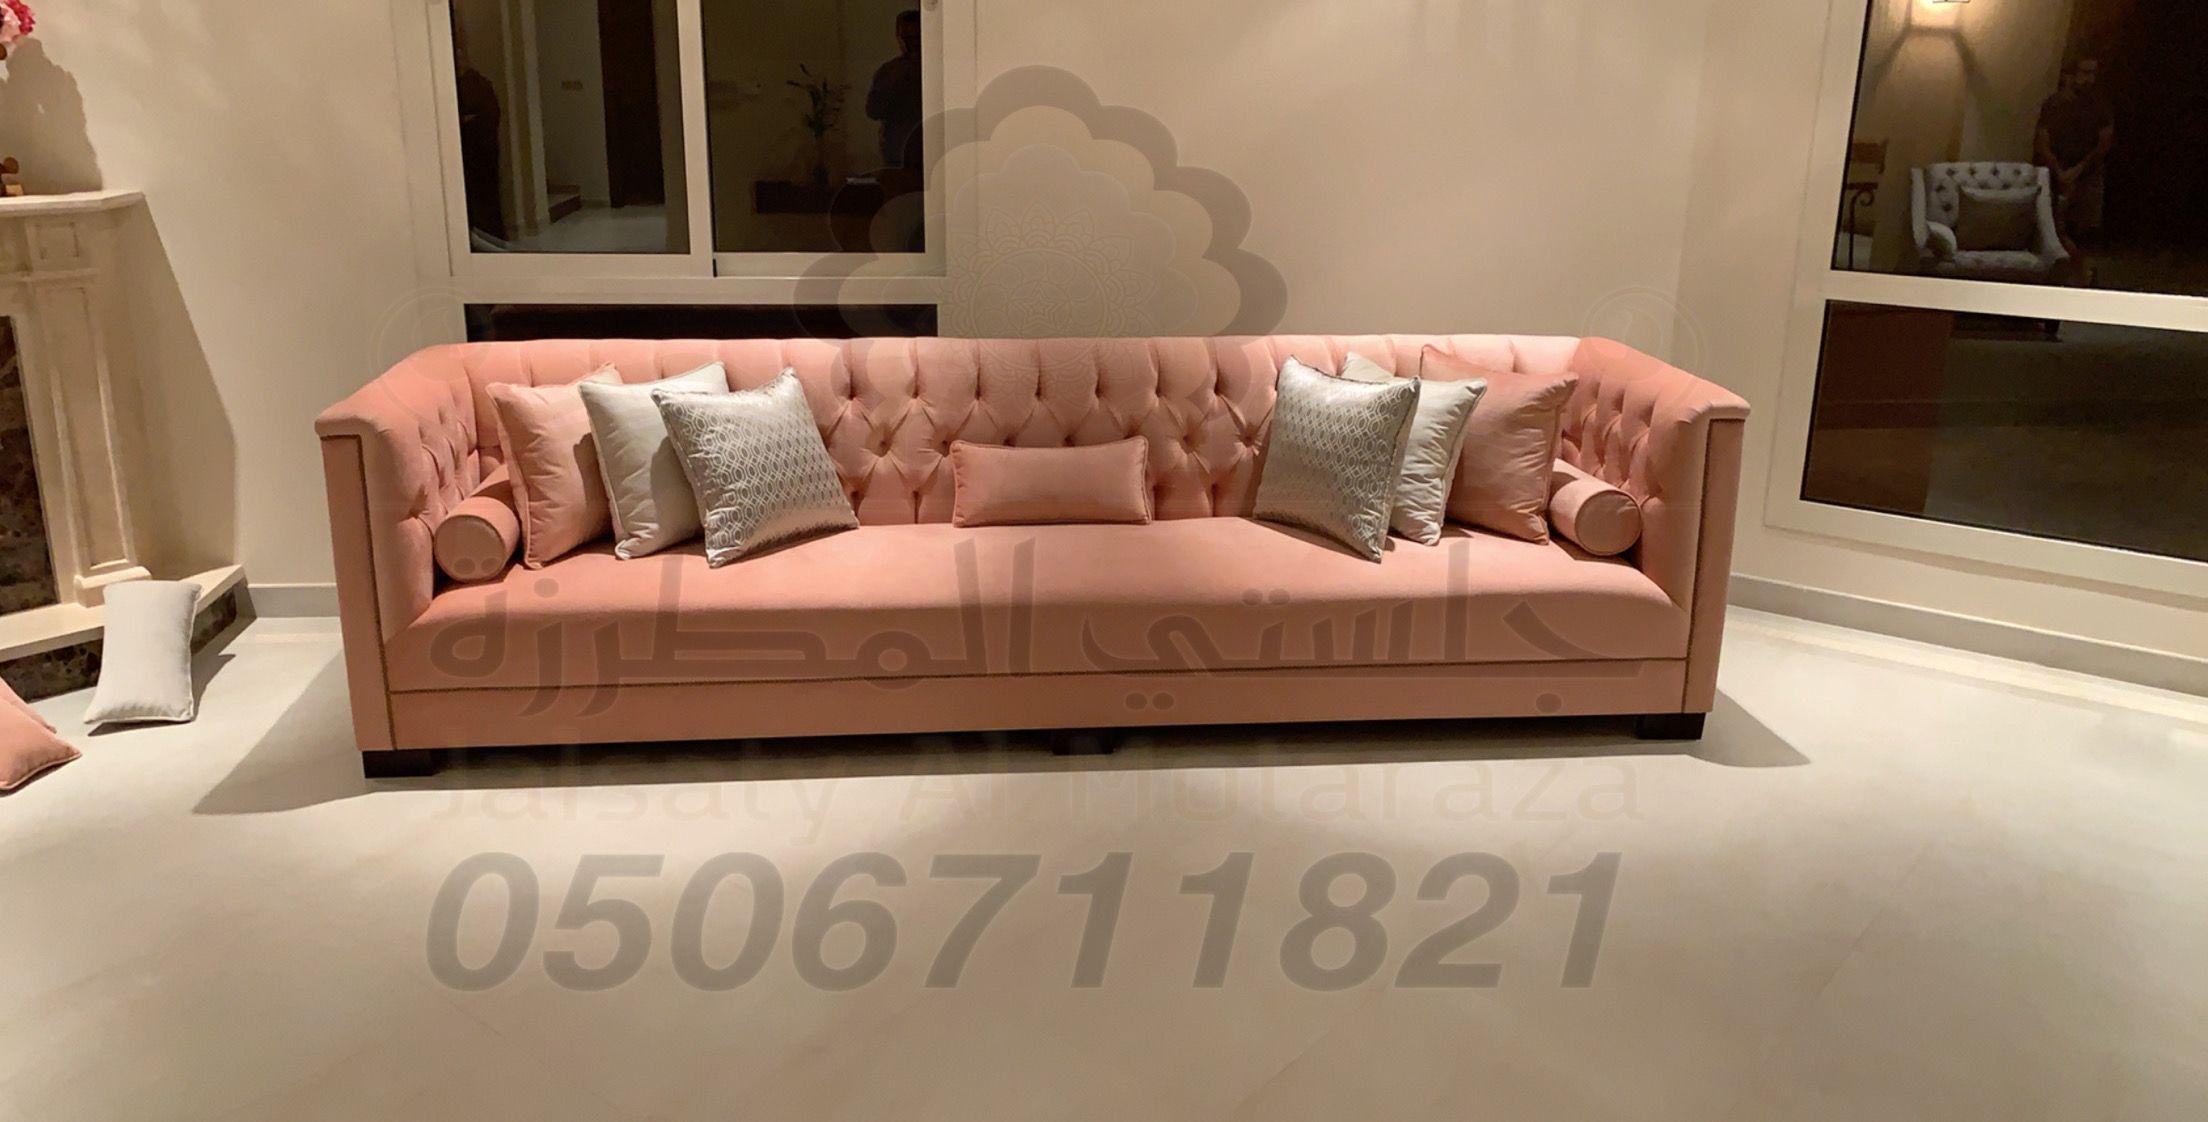 كنب مودرن روعة موديل رحاب من تصميم وتنفيذ جلستي المطرزة جوال 0506711821 Home Decor Decor Furniture